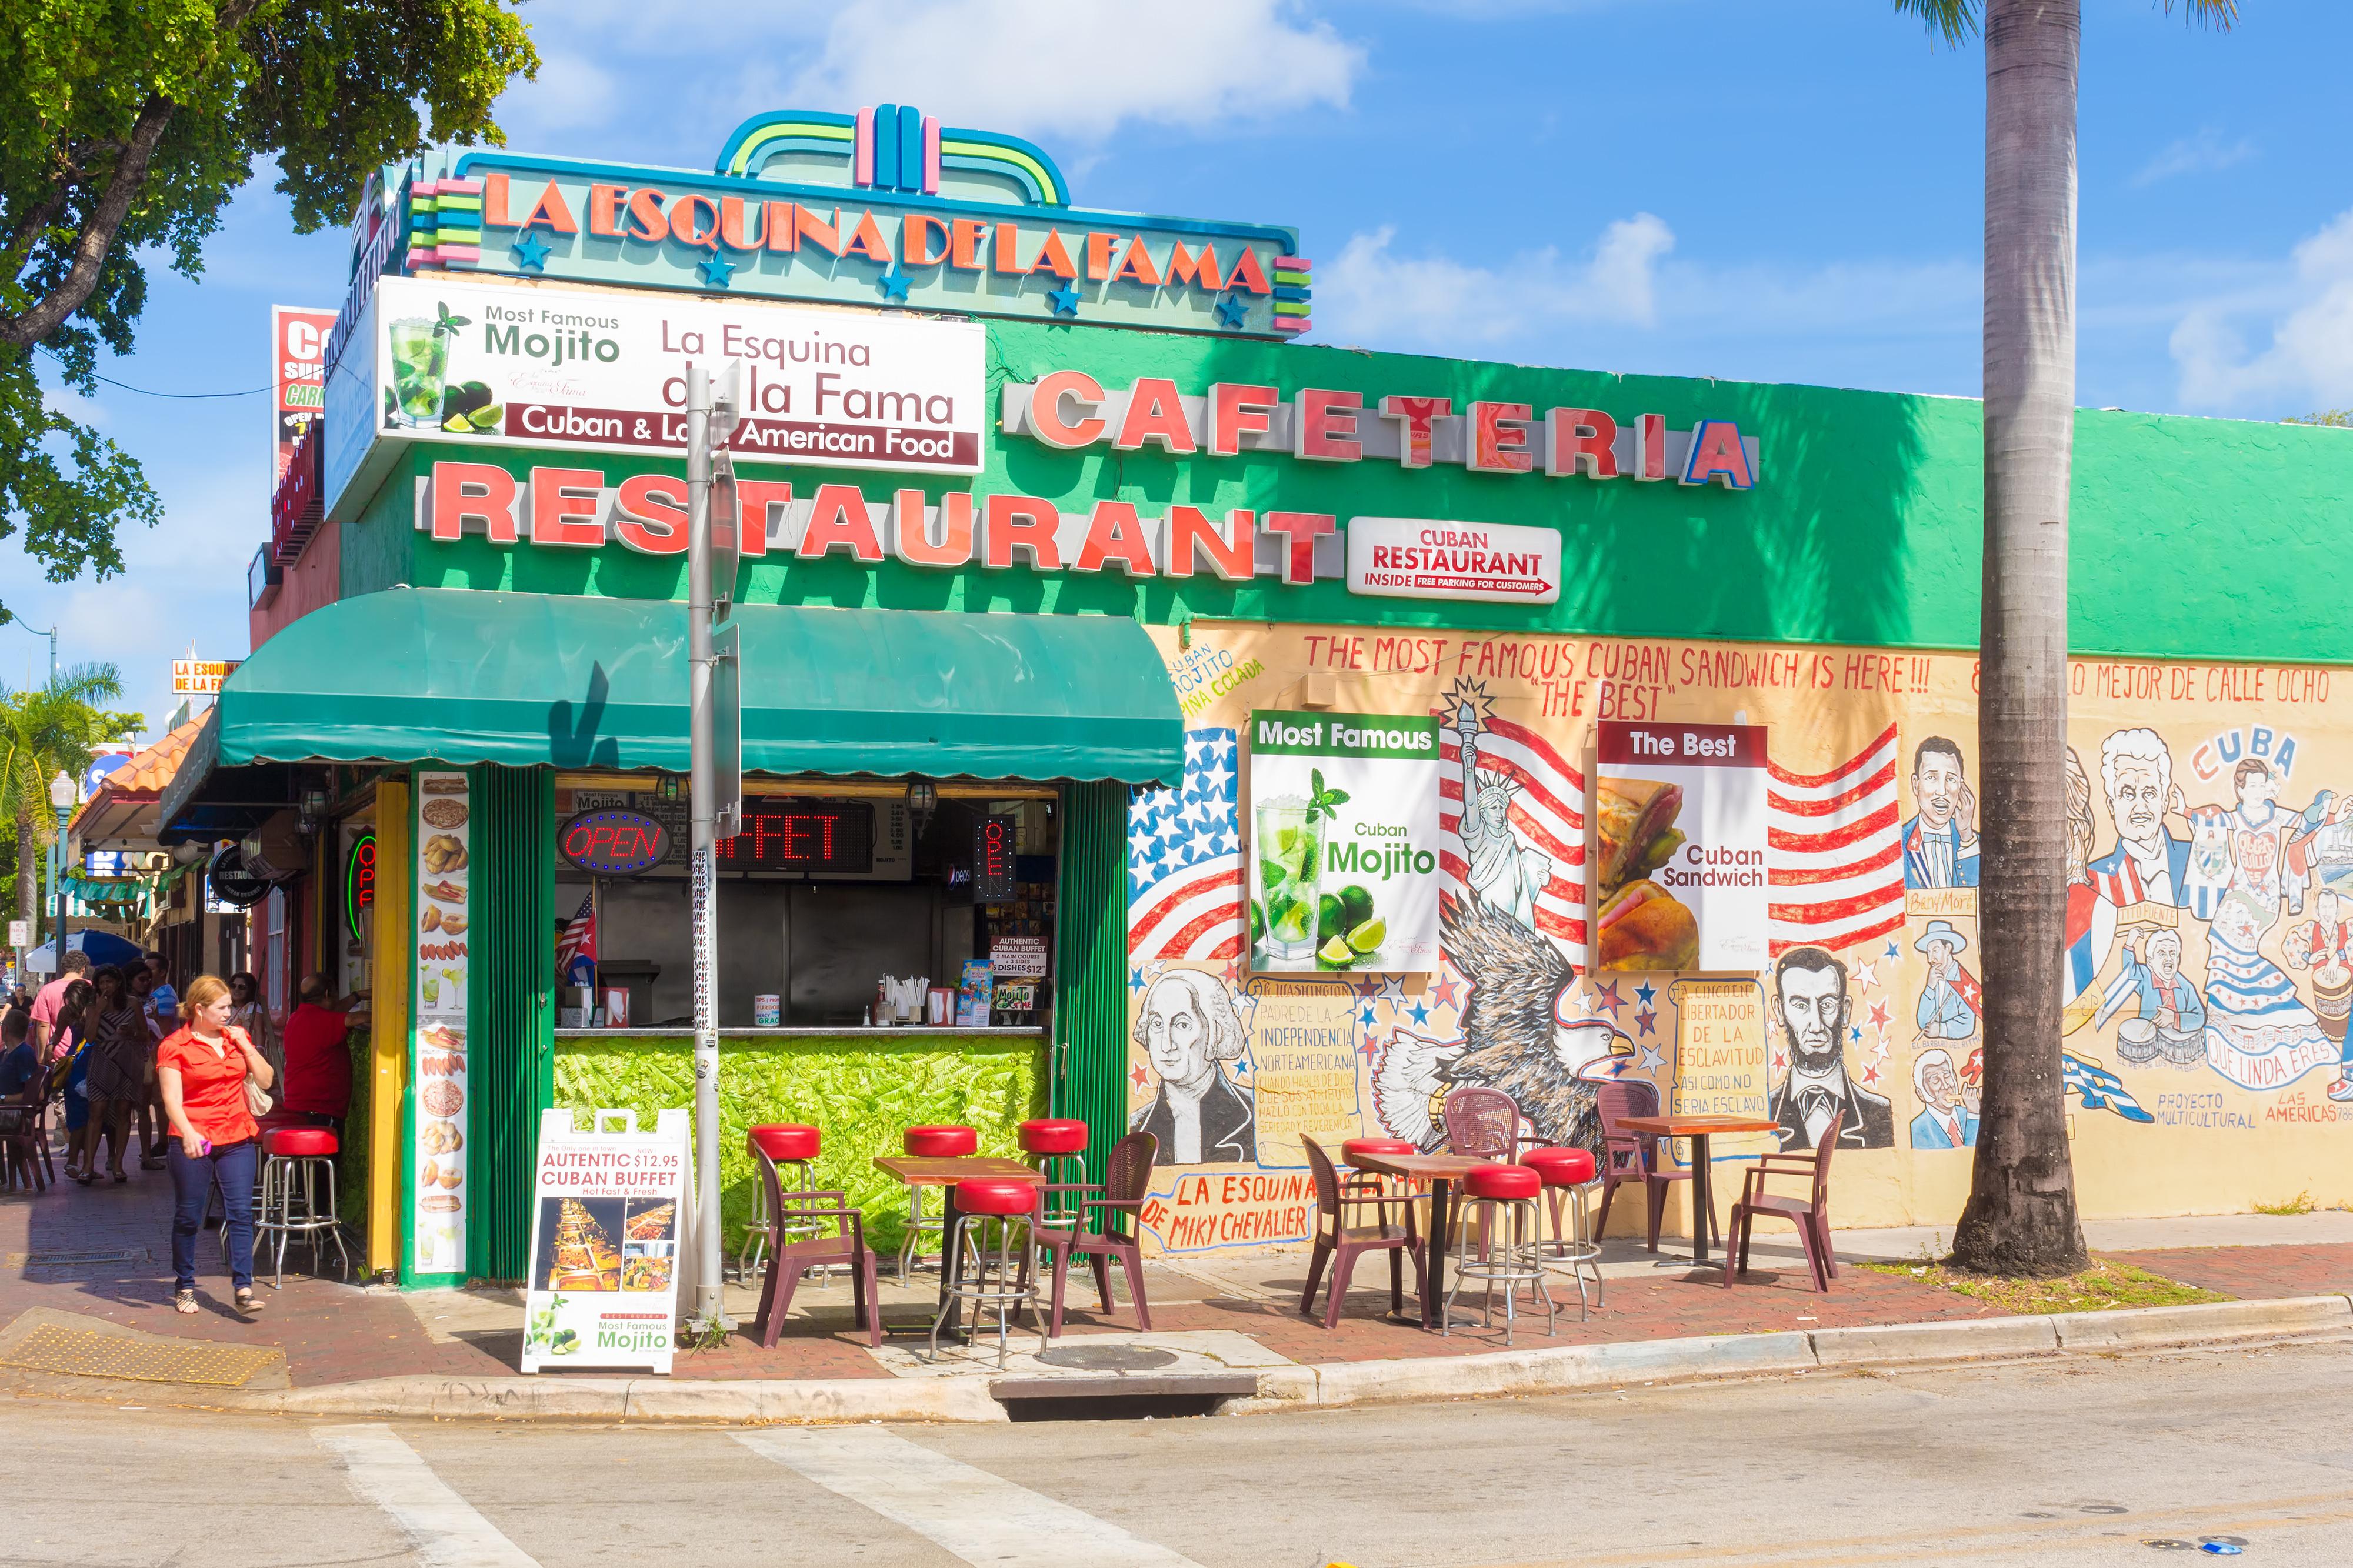 Rey S Cuban Cafe Menu